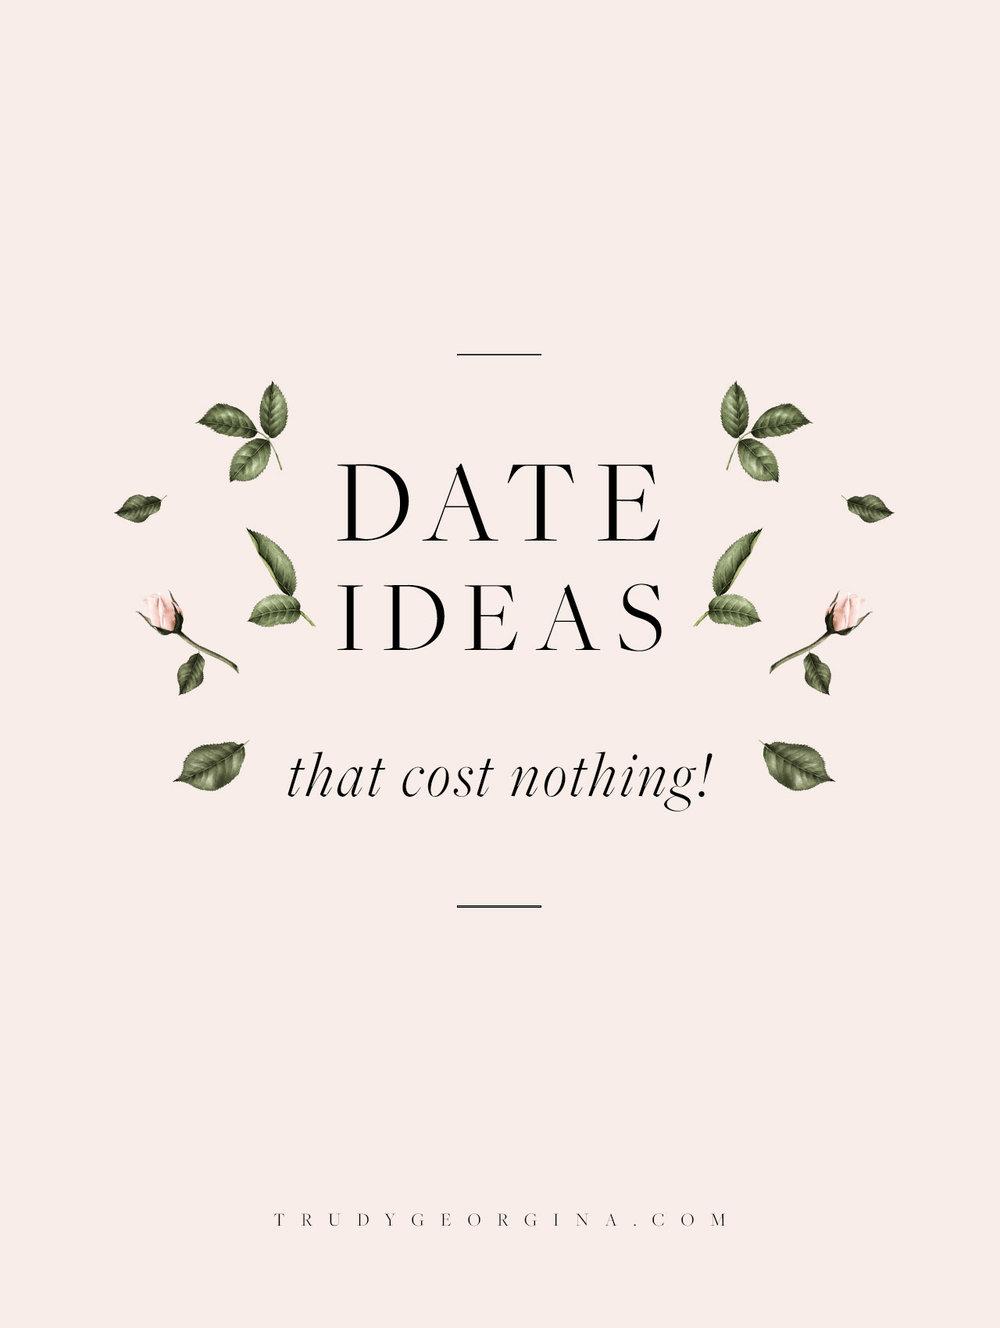 Free date ideas | trudygeorgina.com